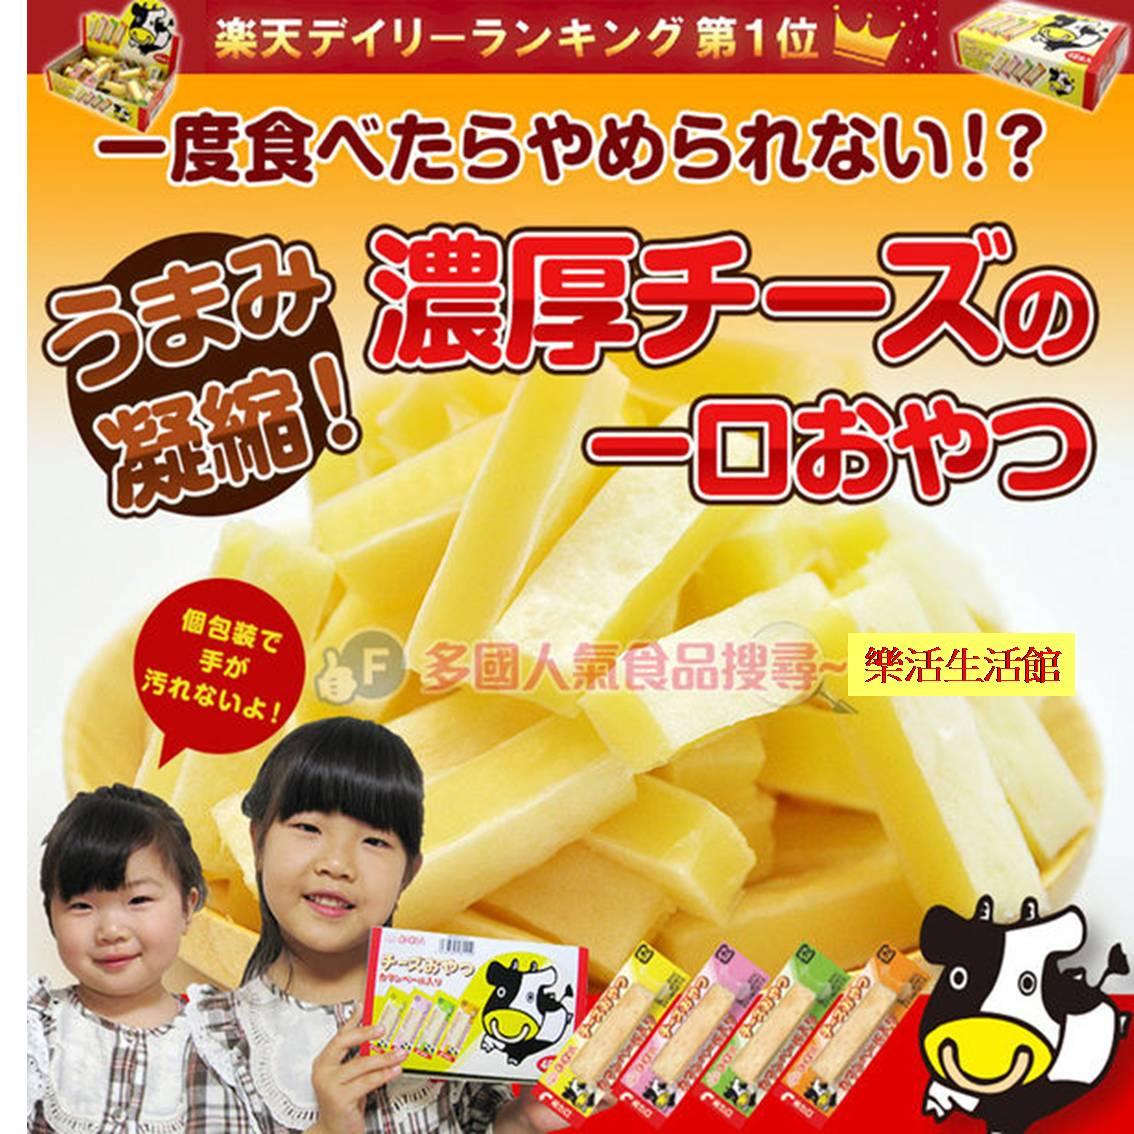 日本OHGIYA 扇屋點心起司條 乳酪條 乳酪棒 一口起司棒 2017.5.26 到期【樂活生活館】